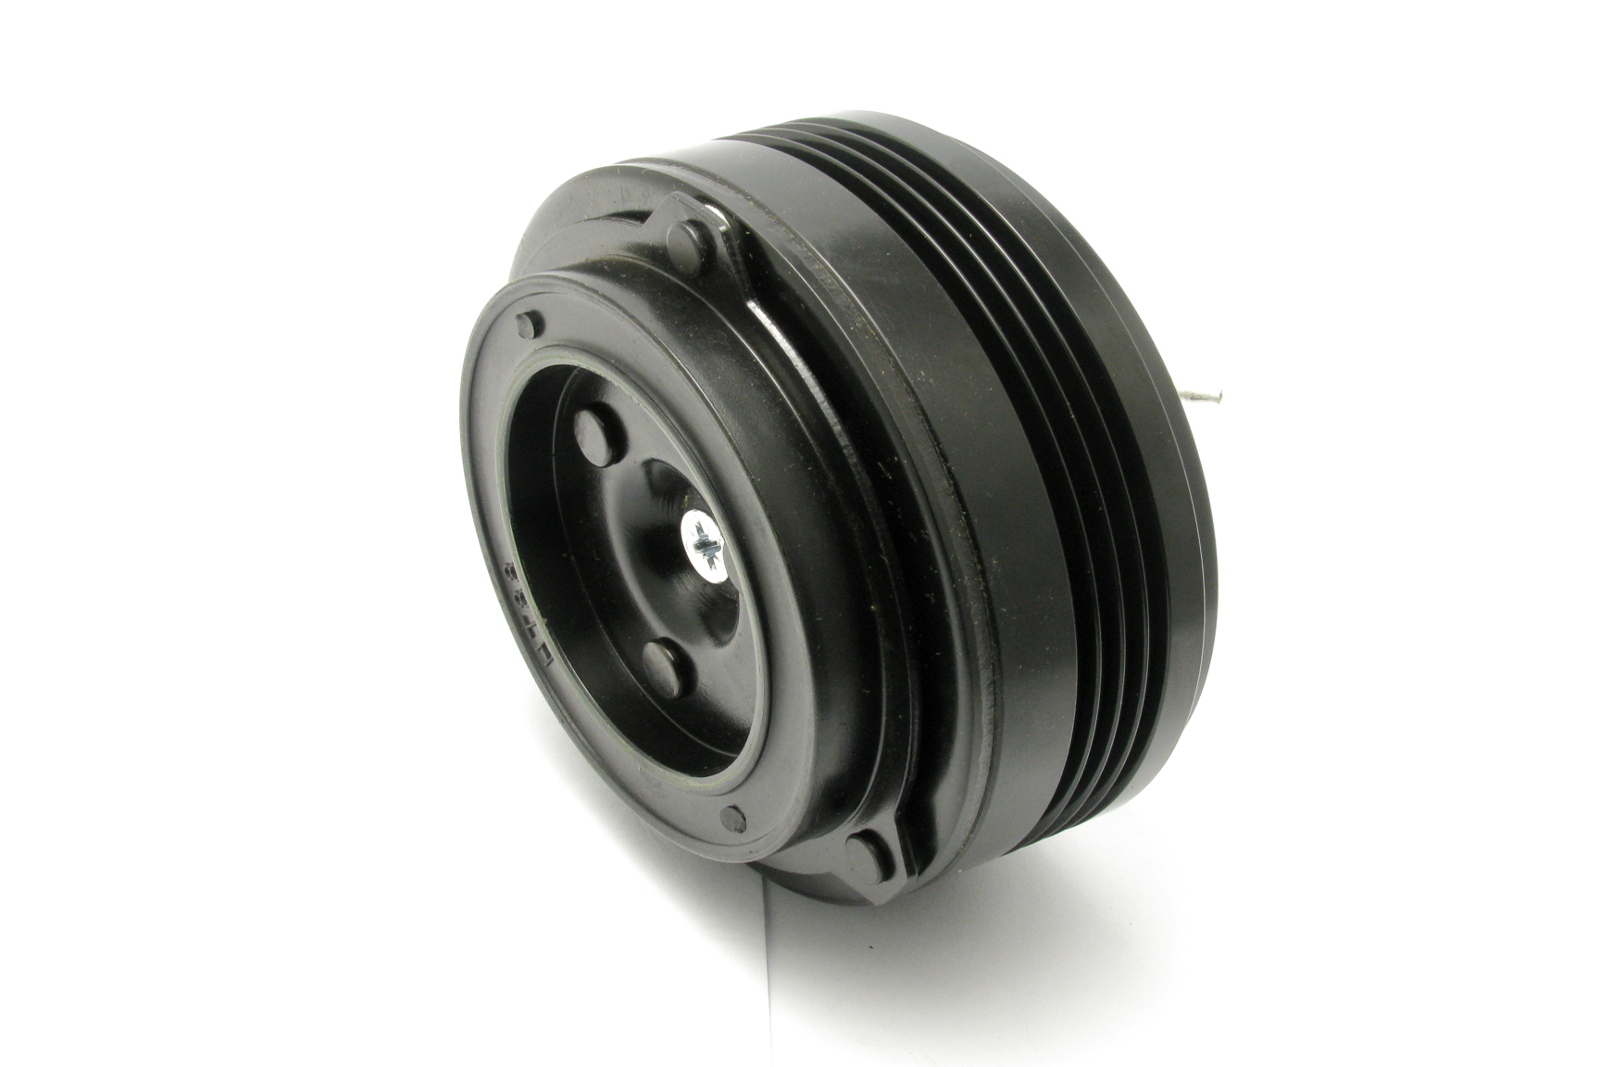 64529399059 64529216466 64506805070 Муфта компрессора кондиционера BMW шкив